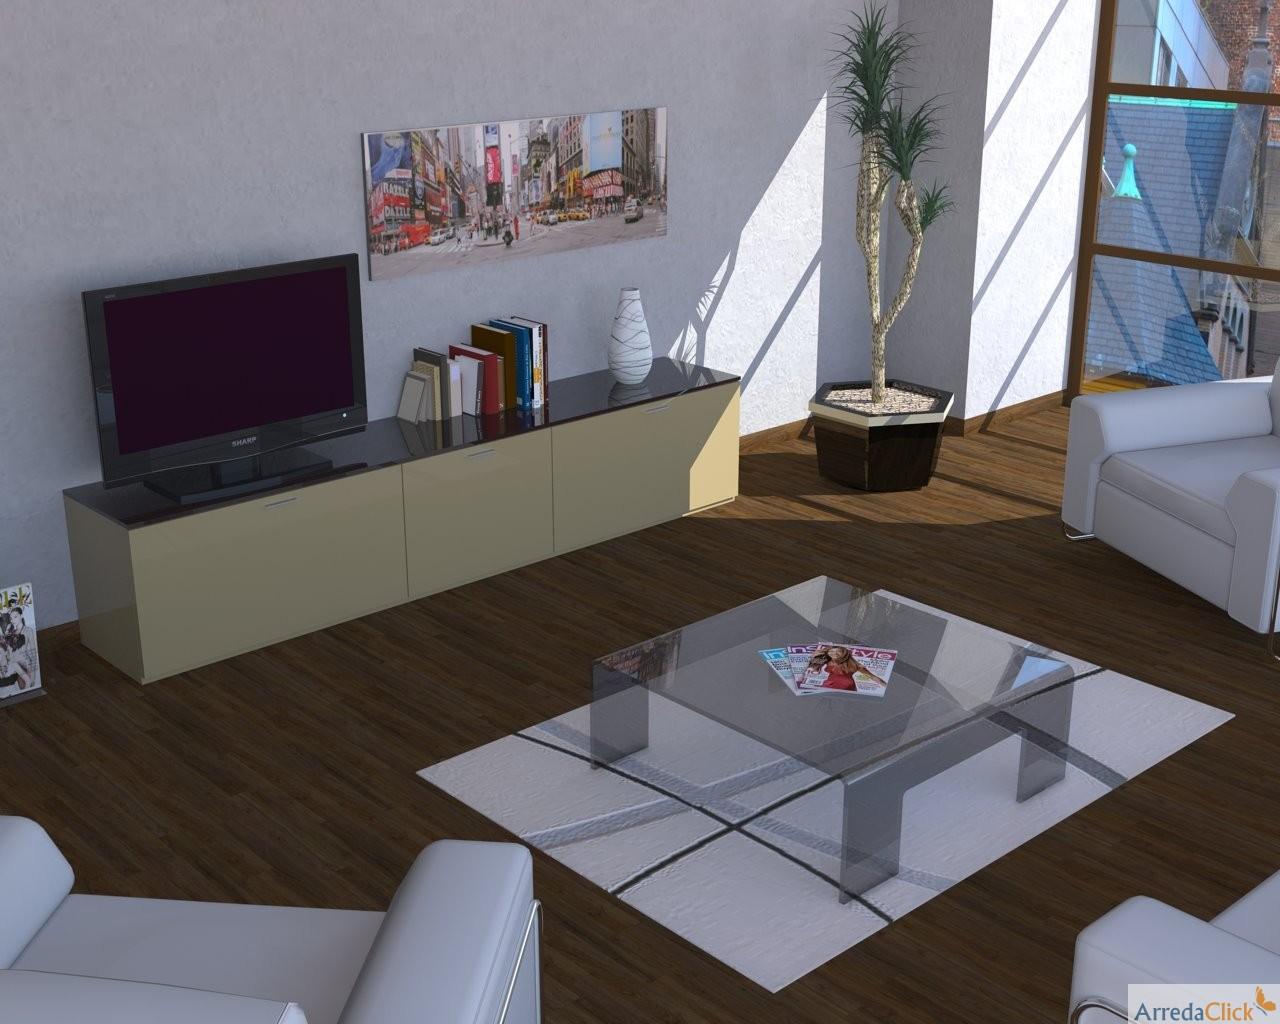 arredaclick - il blog sull'arredamento italiano online: i mobili ... - Mobili Tv Su Misura